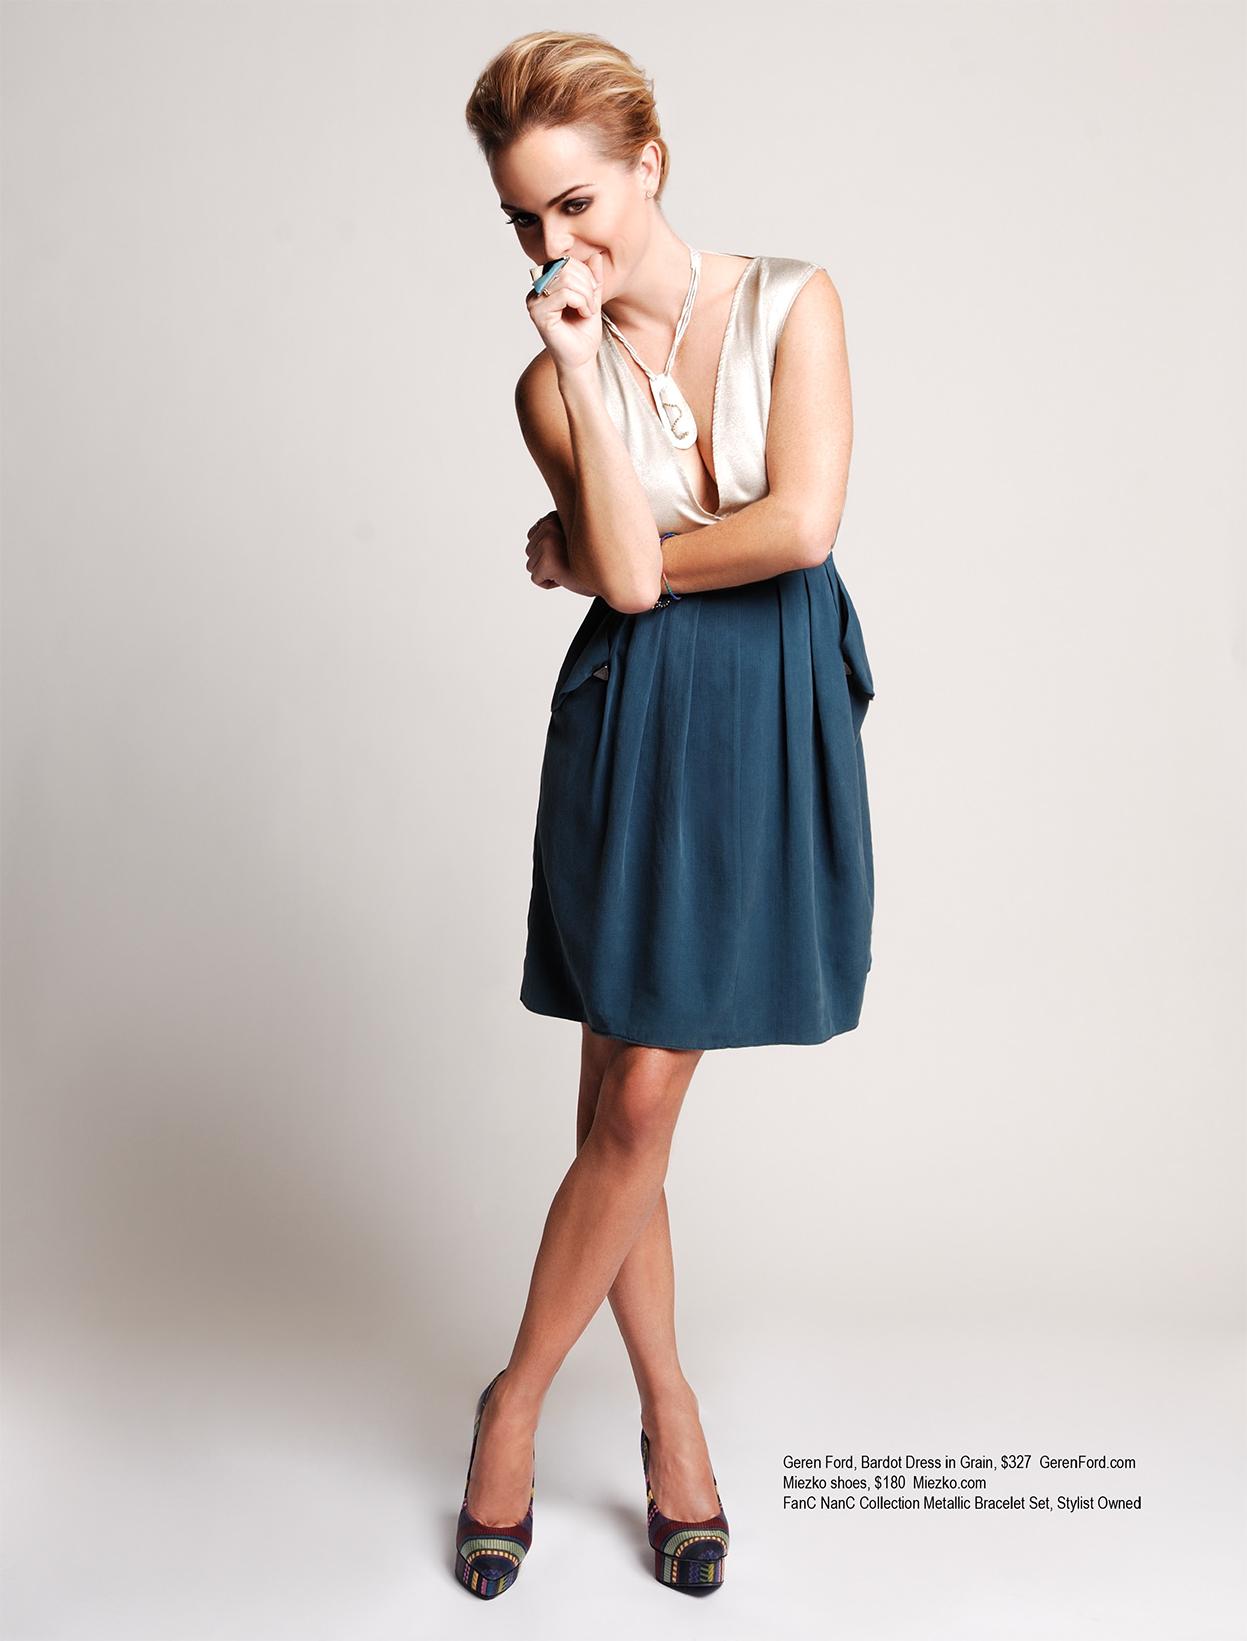 Taryn Manning October 2012-RegardMag.com.jpg